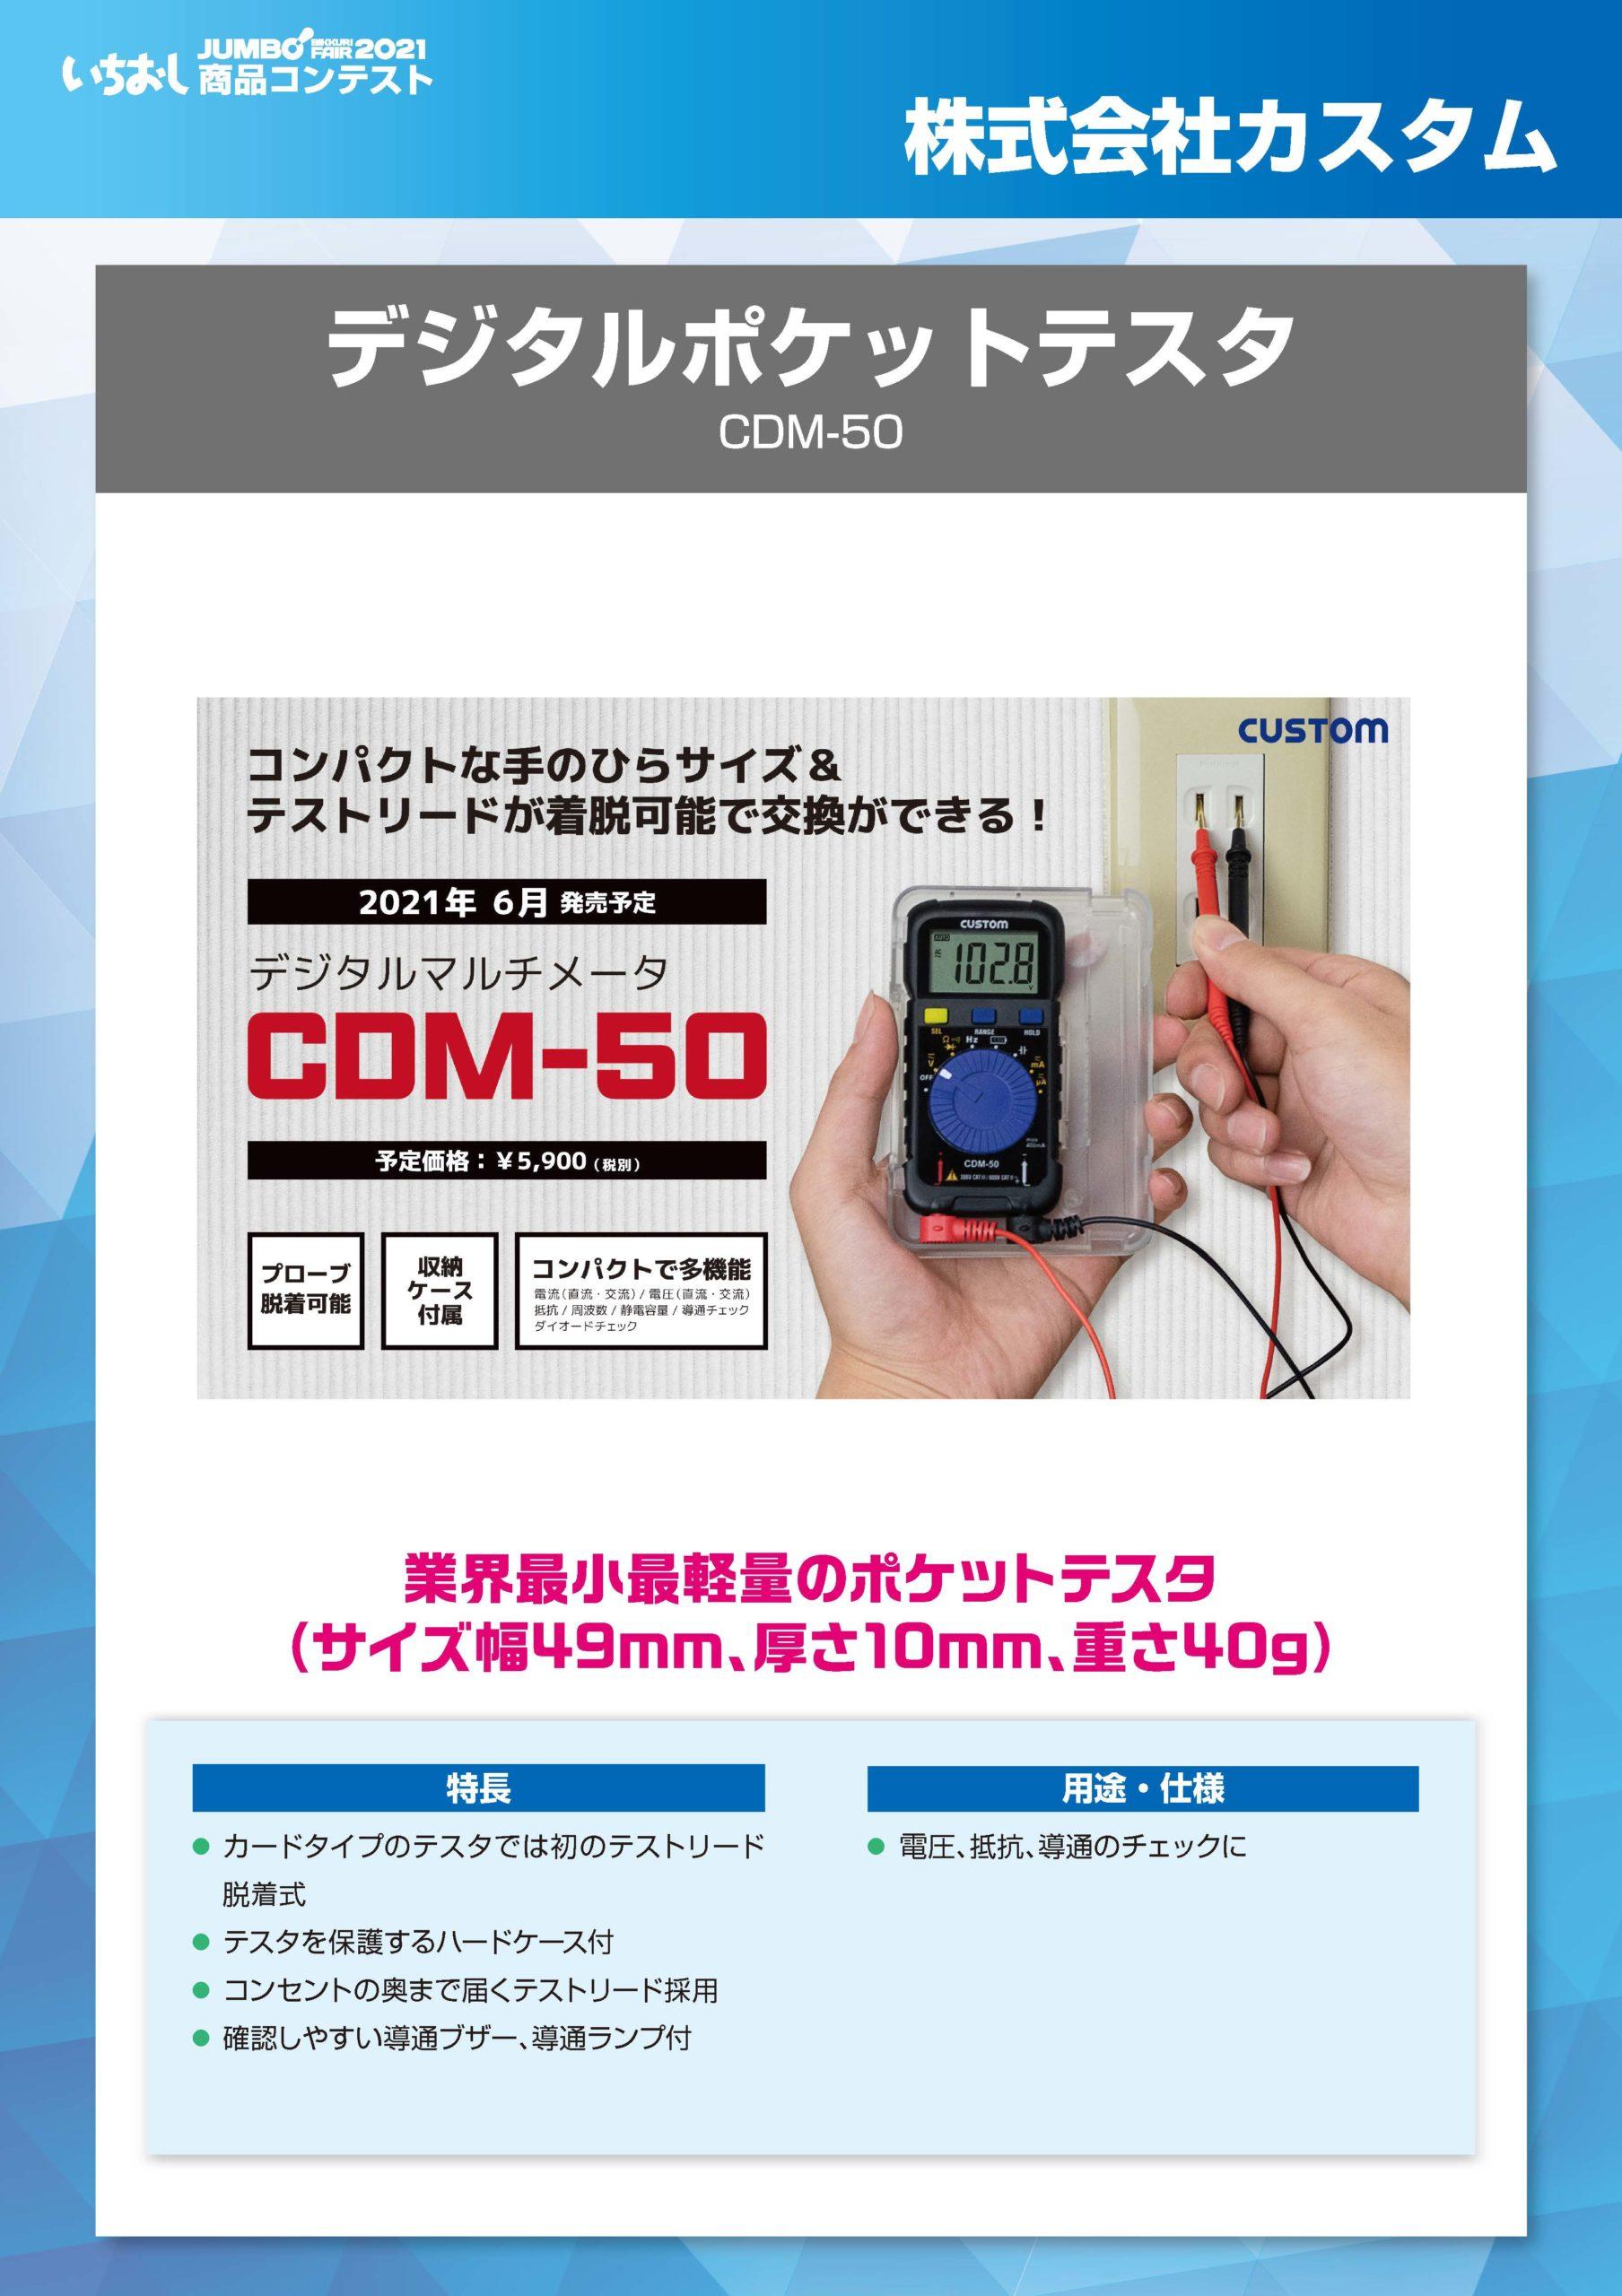 「デジタルポケットテスタ」株式会社カスタムの画像